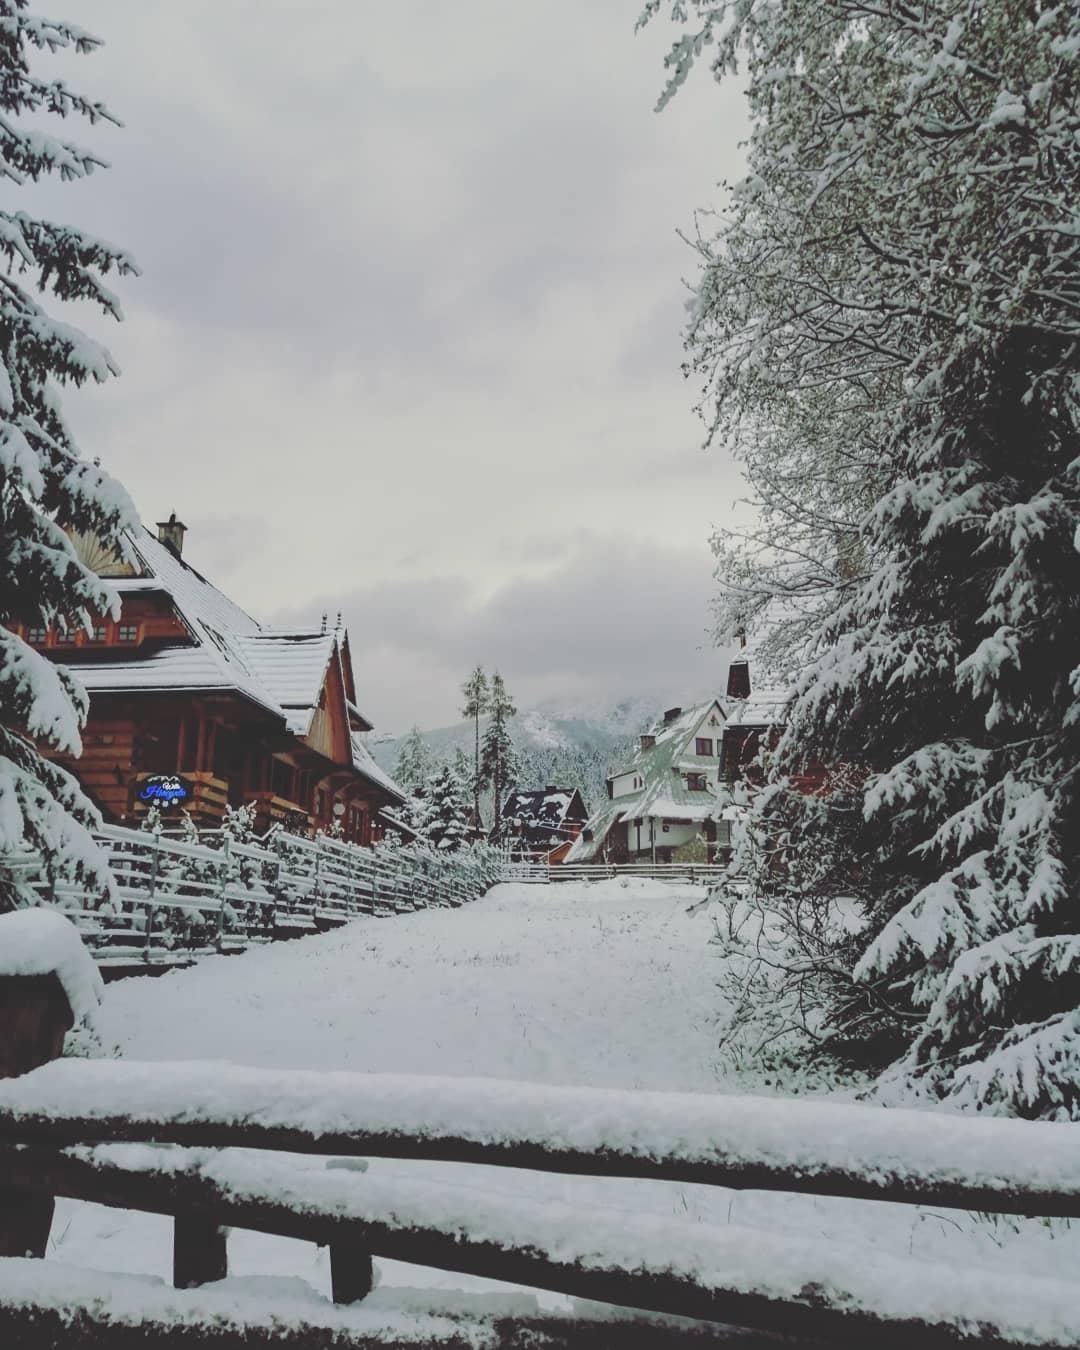 @victori_lin, которую снегопад застал в городе Закопане, считает что город способен влюбить в себя с первого взгляда. А какую роль в такой влюбленности сыграл снегопад?